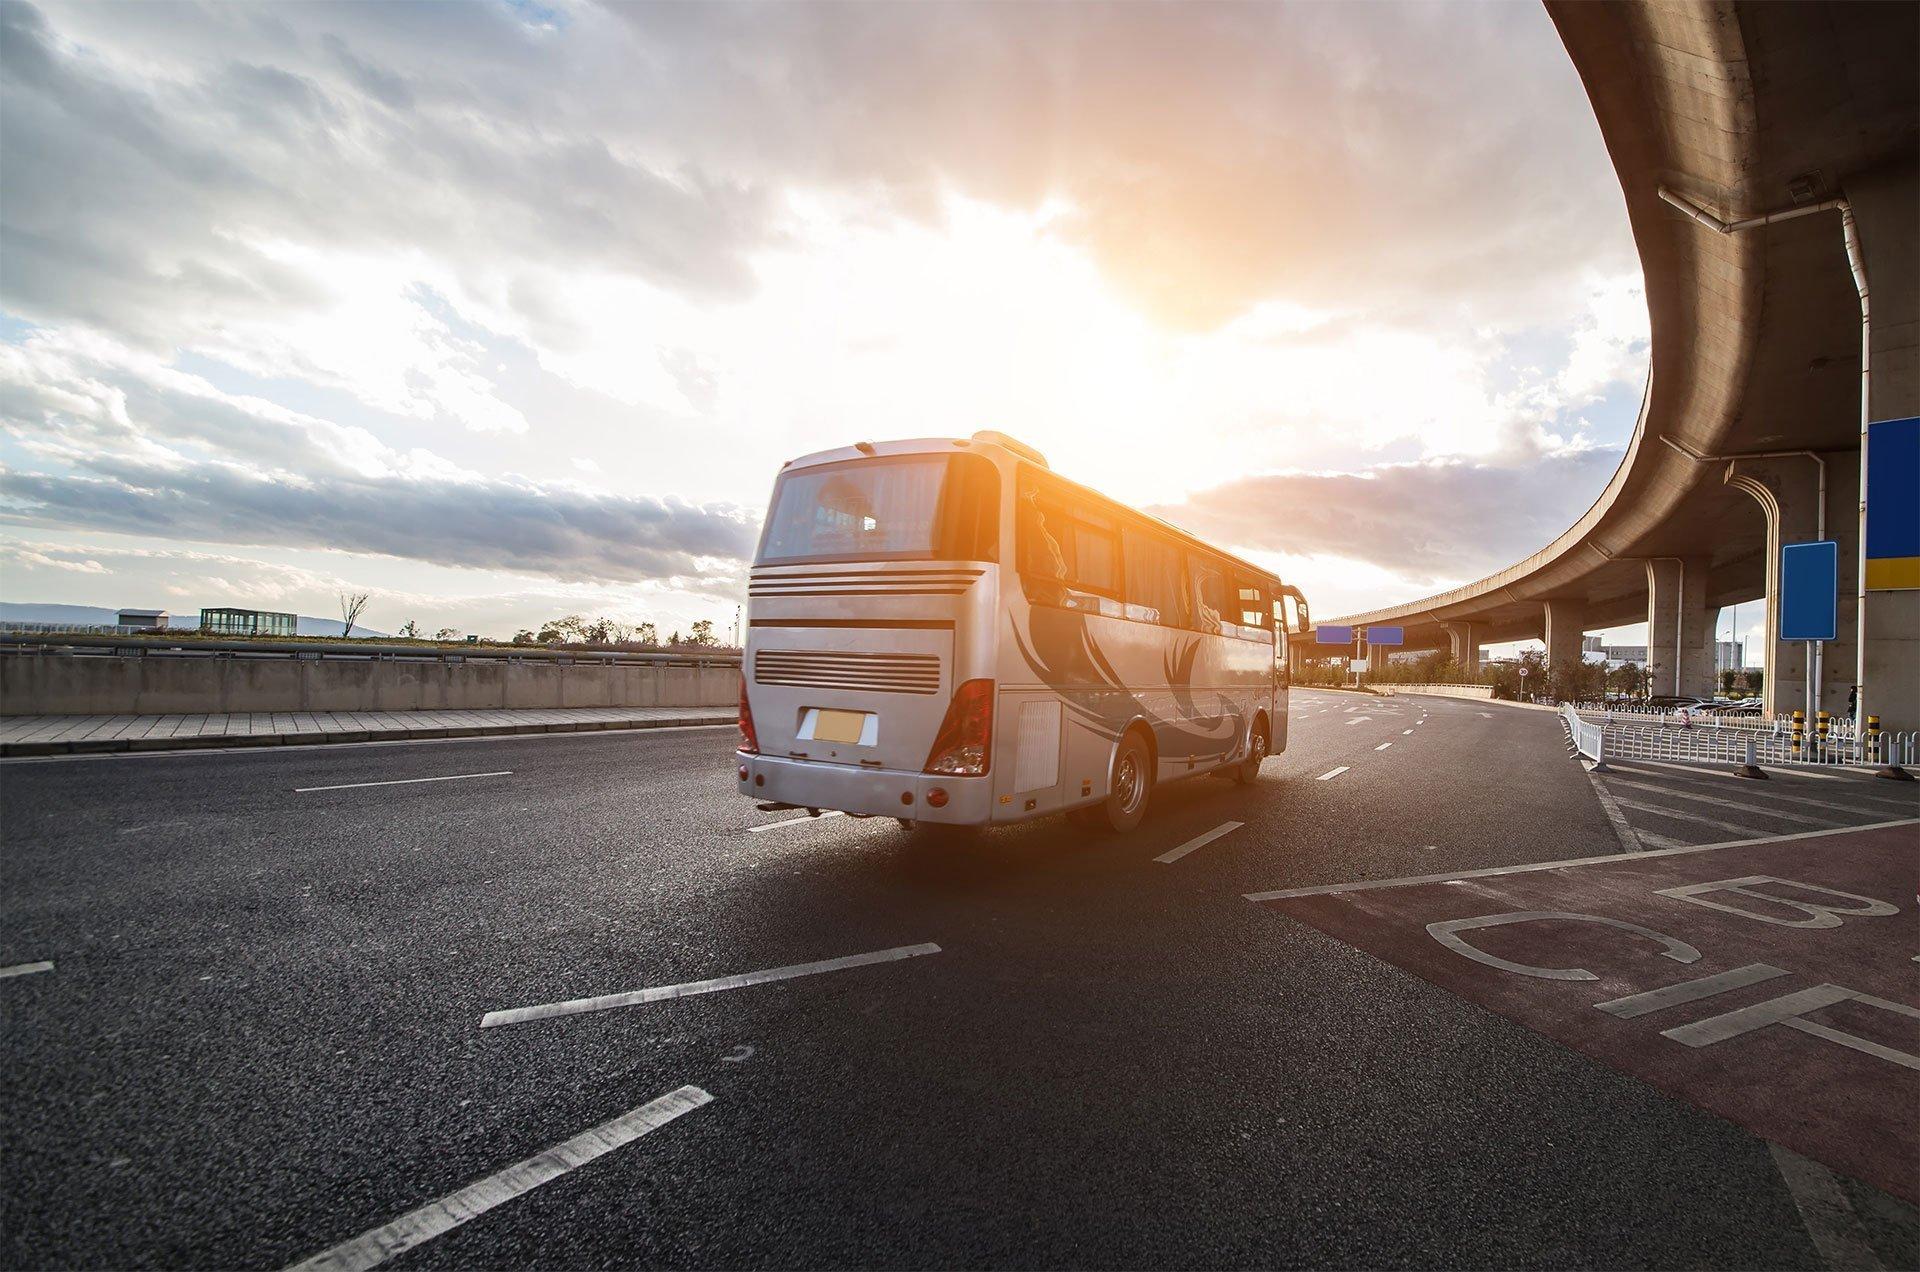 Licitaciones sector transportes | GESYLIC